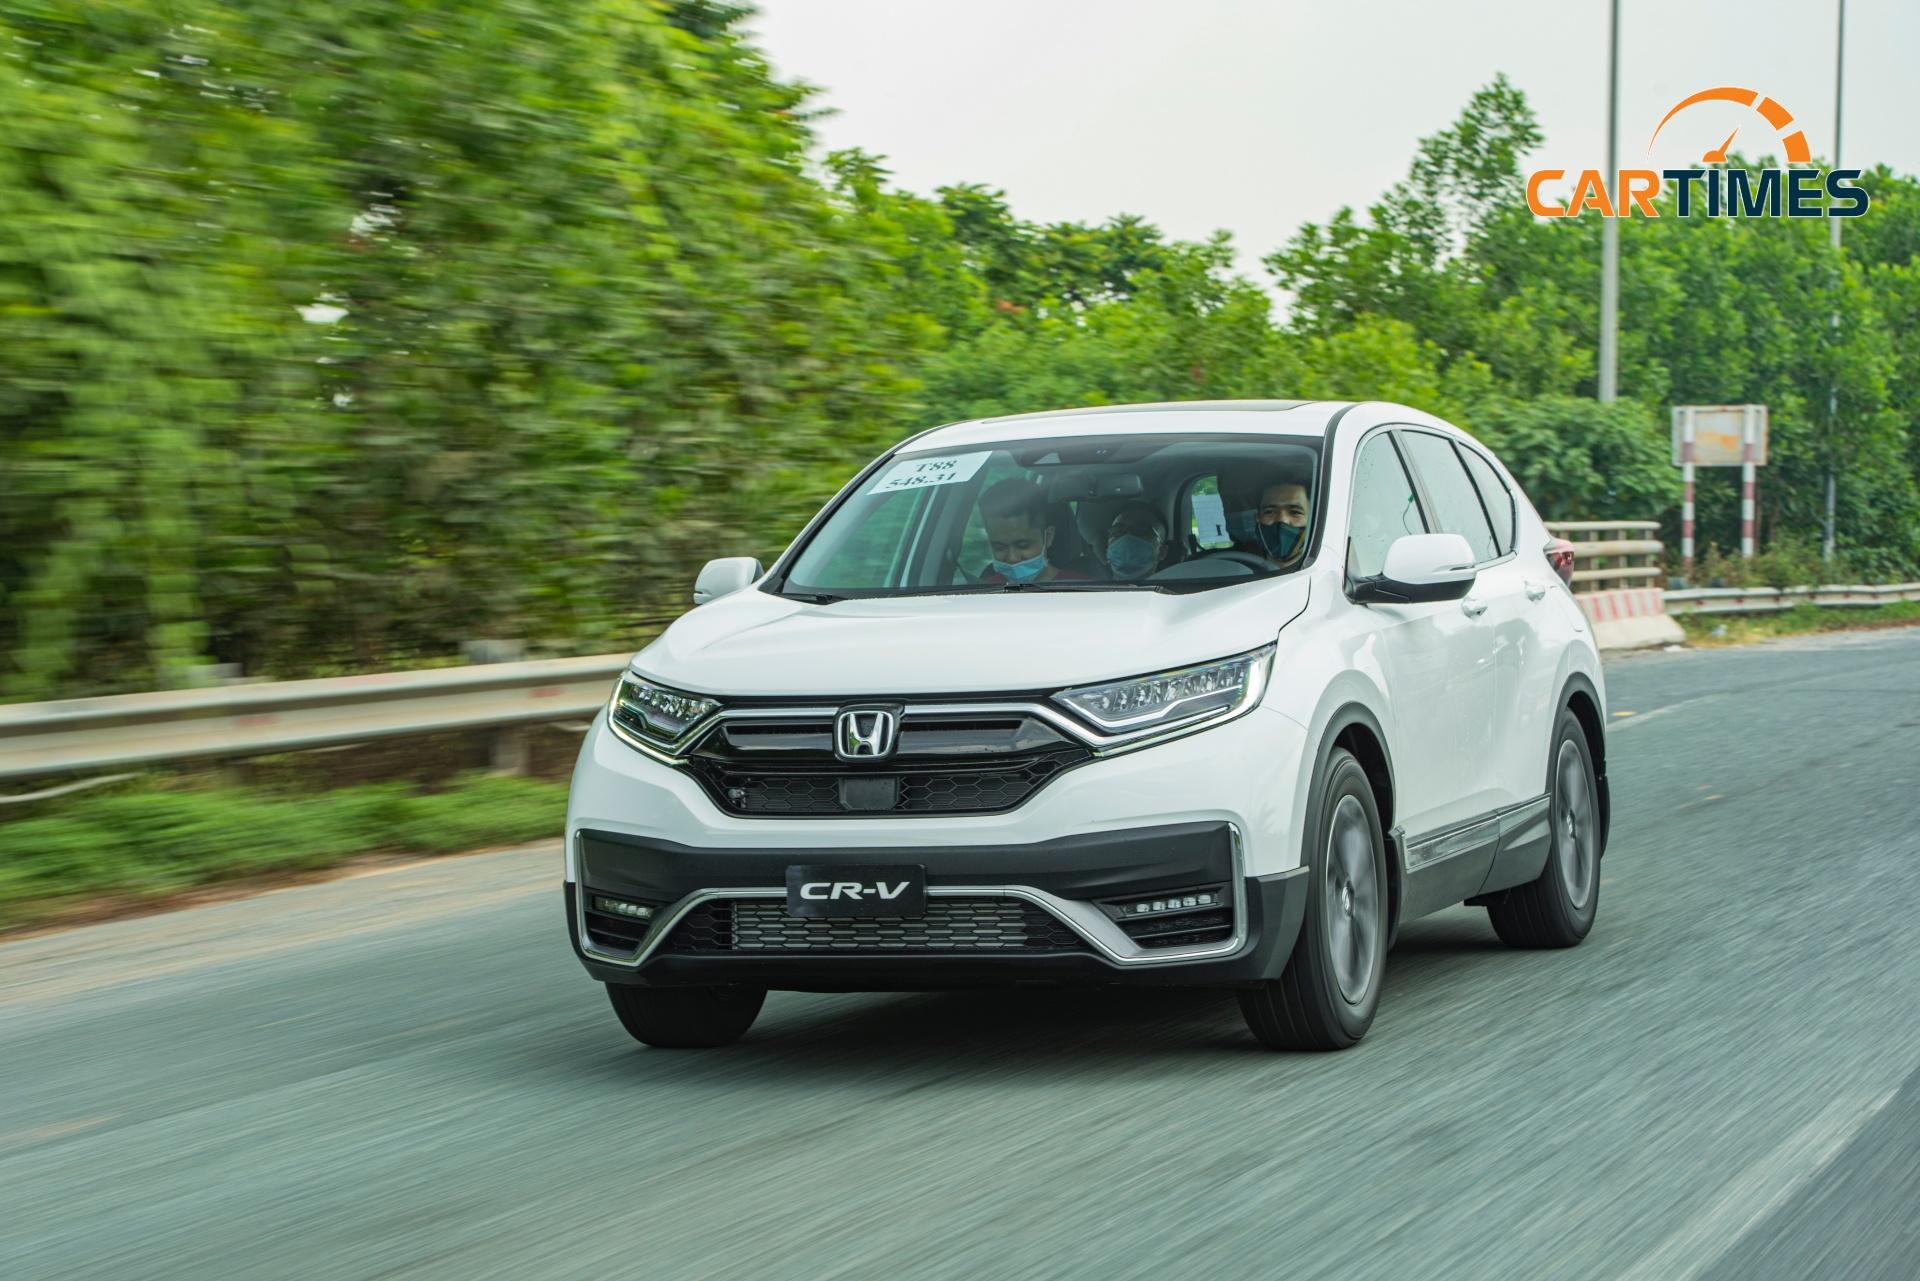 Tìm hiểu công nghệ Honda Sensing trên mẫu xe CR-V 2020 vừa ra mắt thị trường Việt Nam